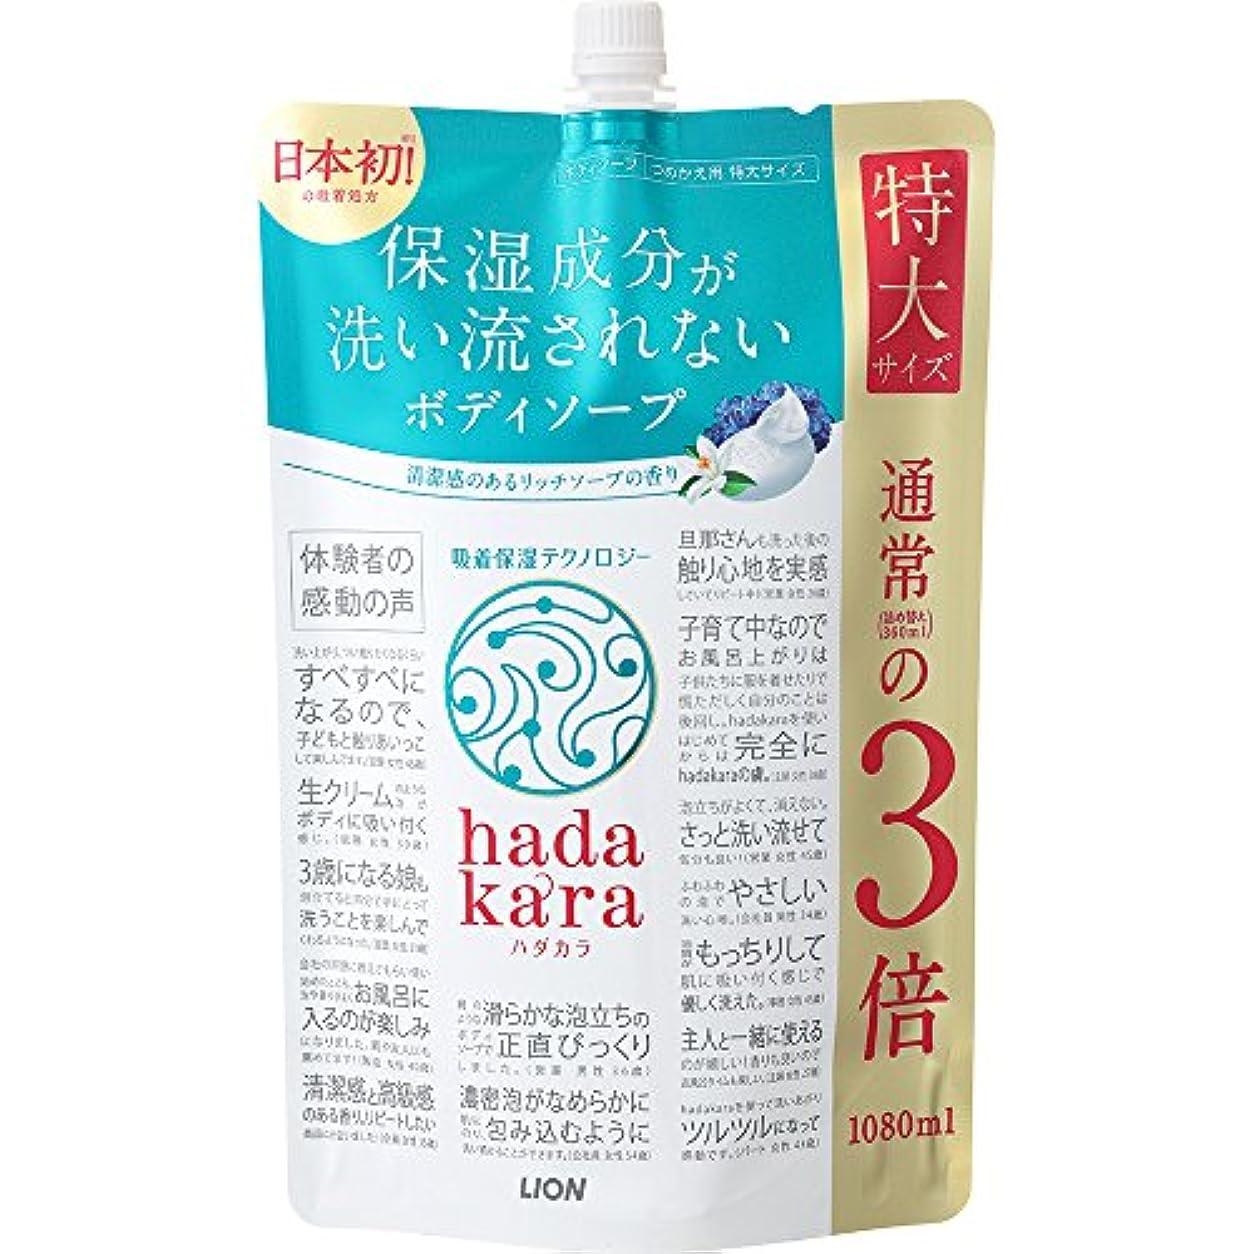 よろめくにじみ出る浴室【大容量】hadakara(ハダカラ) ボディソープ リッチソープの香り 詰め替え 特大 1080ml